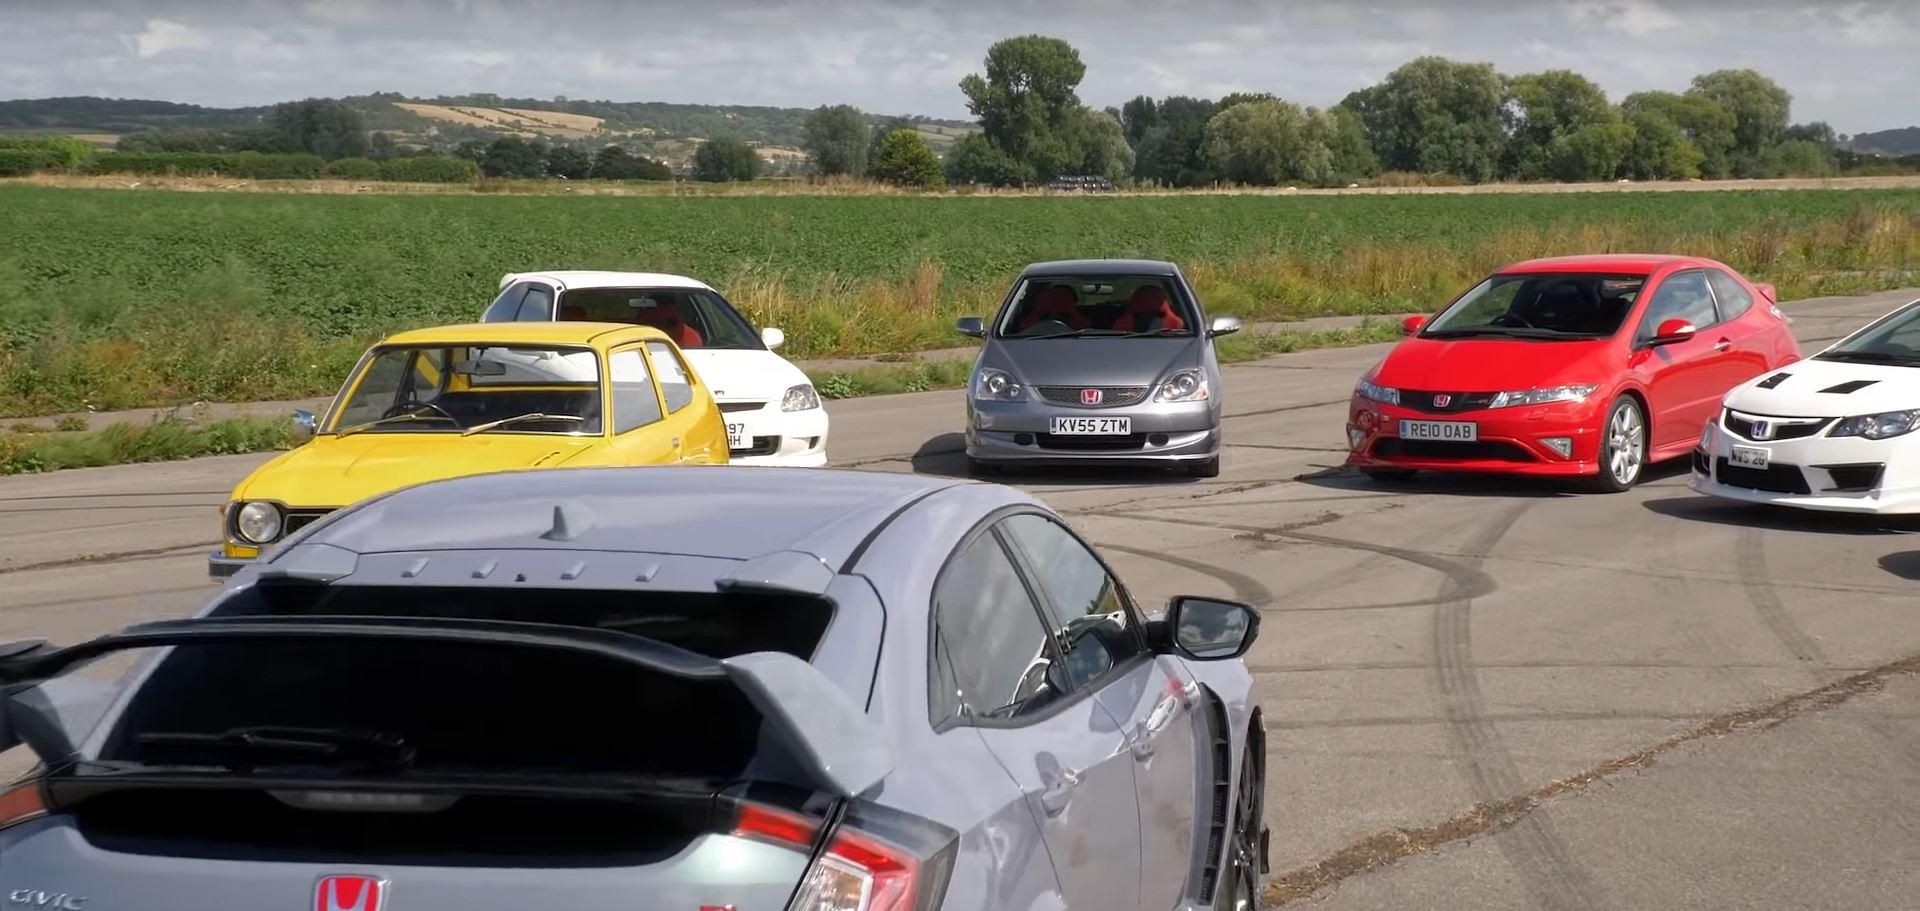 750+ All Civic Type R Models Gratis Terbaru